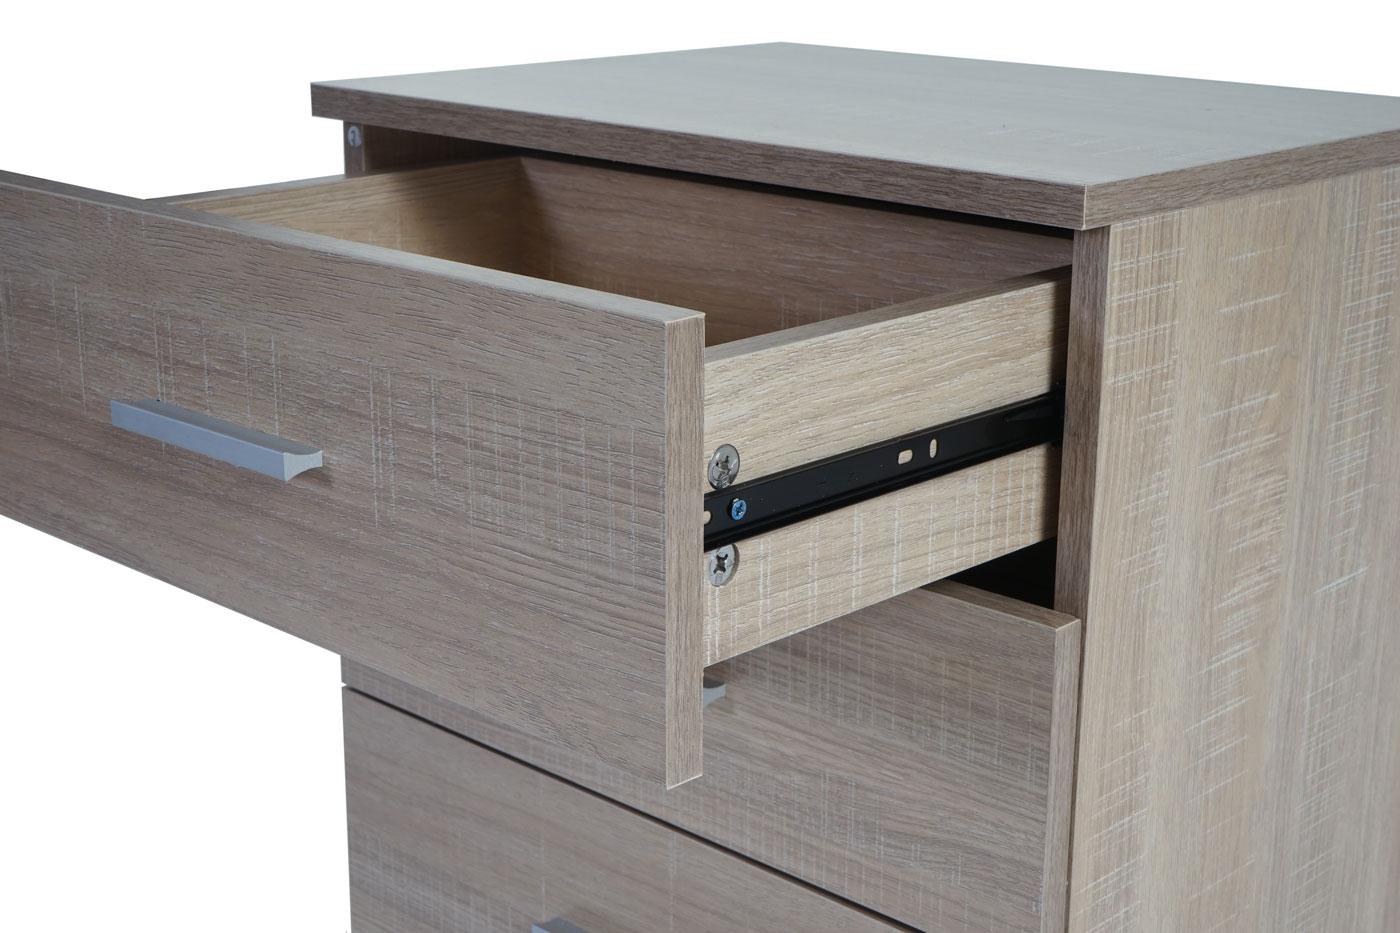 kommode pavia nachtschrank nachttisch 3 schubladen 50x45x34cm eiche optik. Black Bedroom Furniture Sets. Home Design Ideas